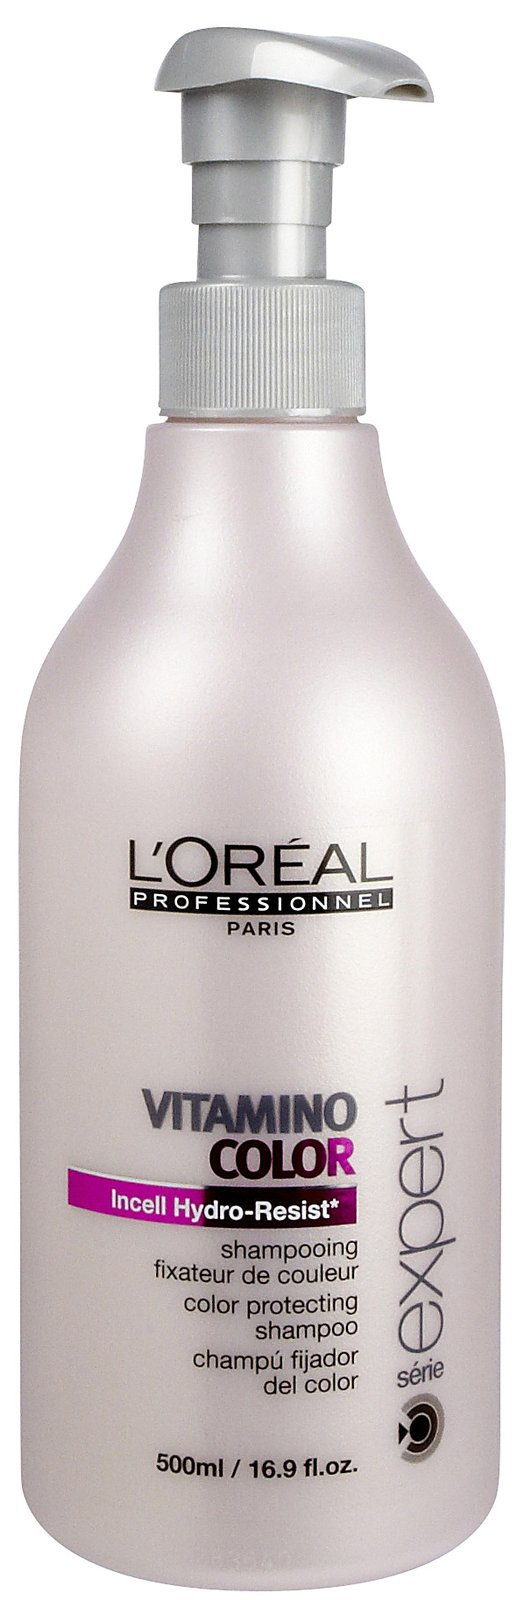 loreal professionnel vitamino color shampoo and conditioner - Shampooing Vitamino Color